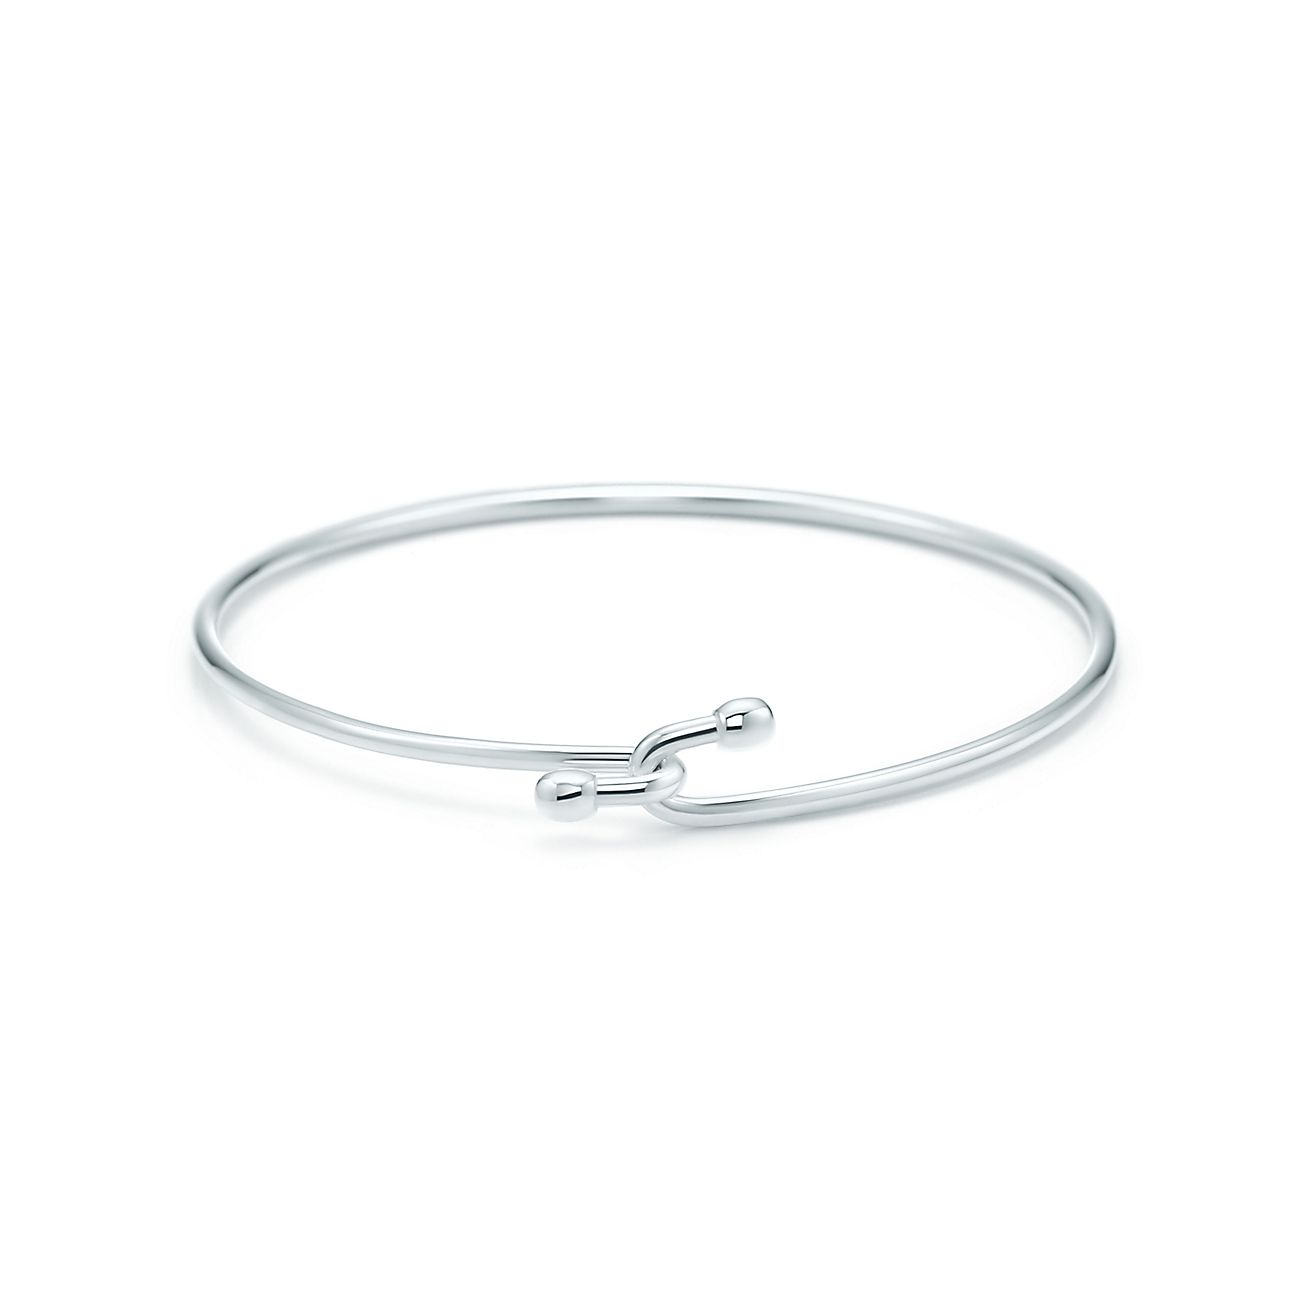 Wire bracelet in sterling silver, medium. | Tiffany & Co.